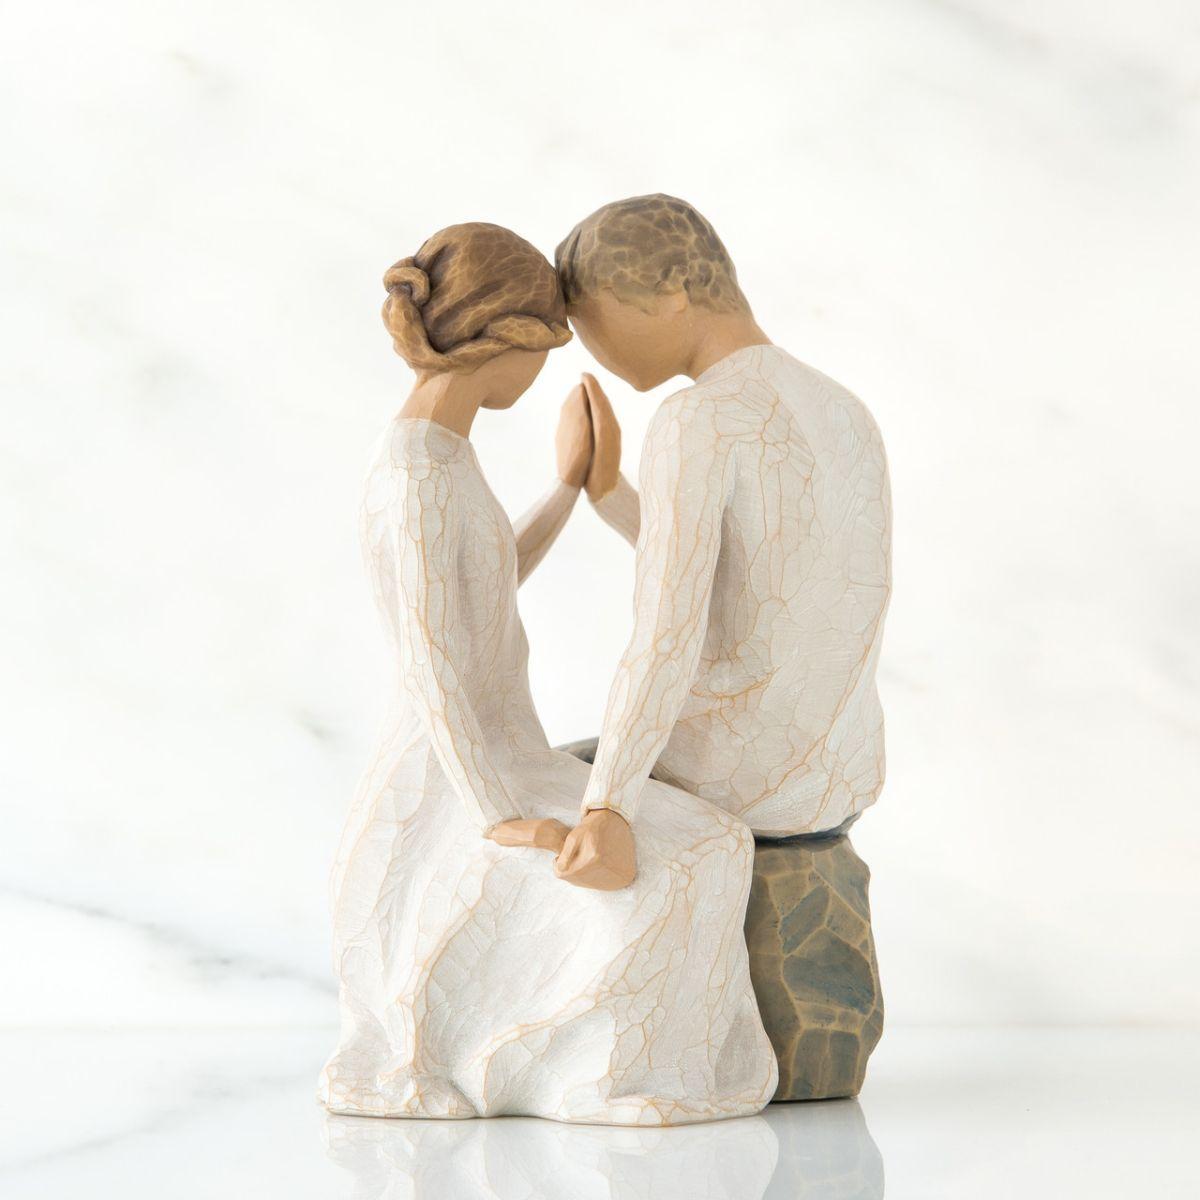 ウィローツリー彫像 【Around You】 - あなたのそばで